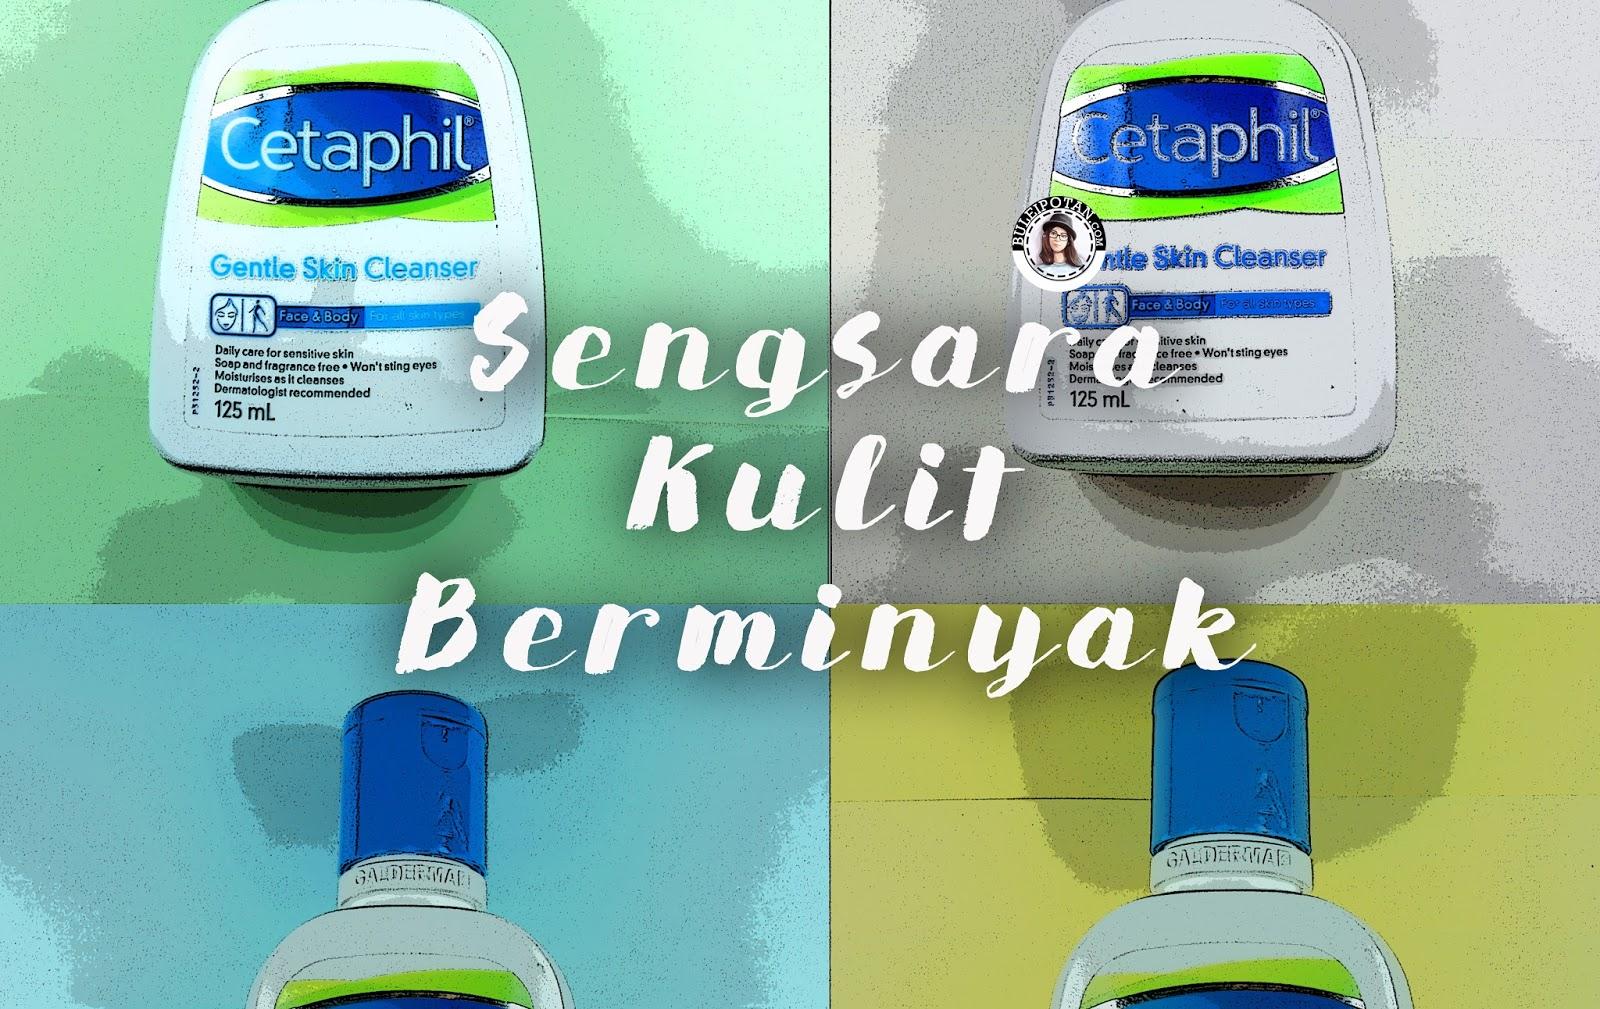 Product Review Pembersih Untuk Semua Jenis Kulit Termasuk Kulit Sensitif Buleipotan Beauty Blogger Indonesian